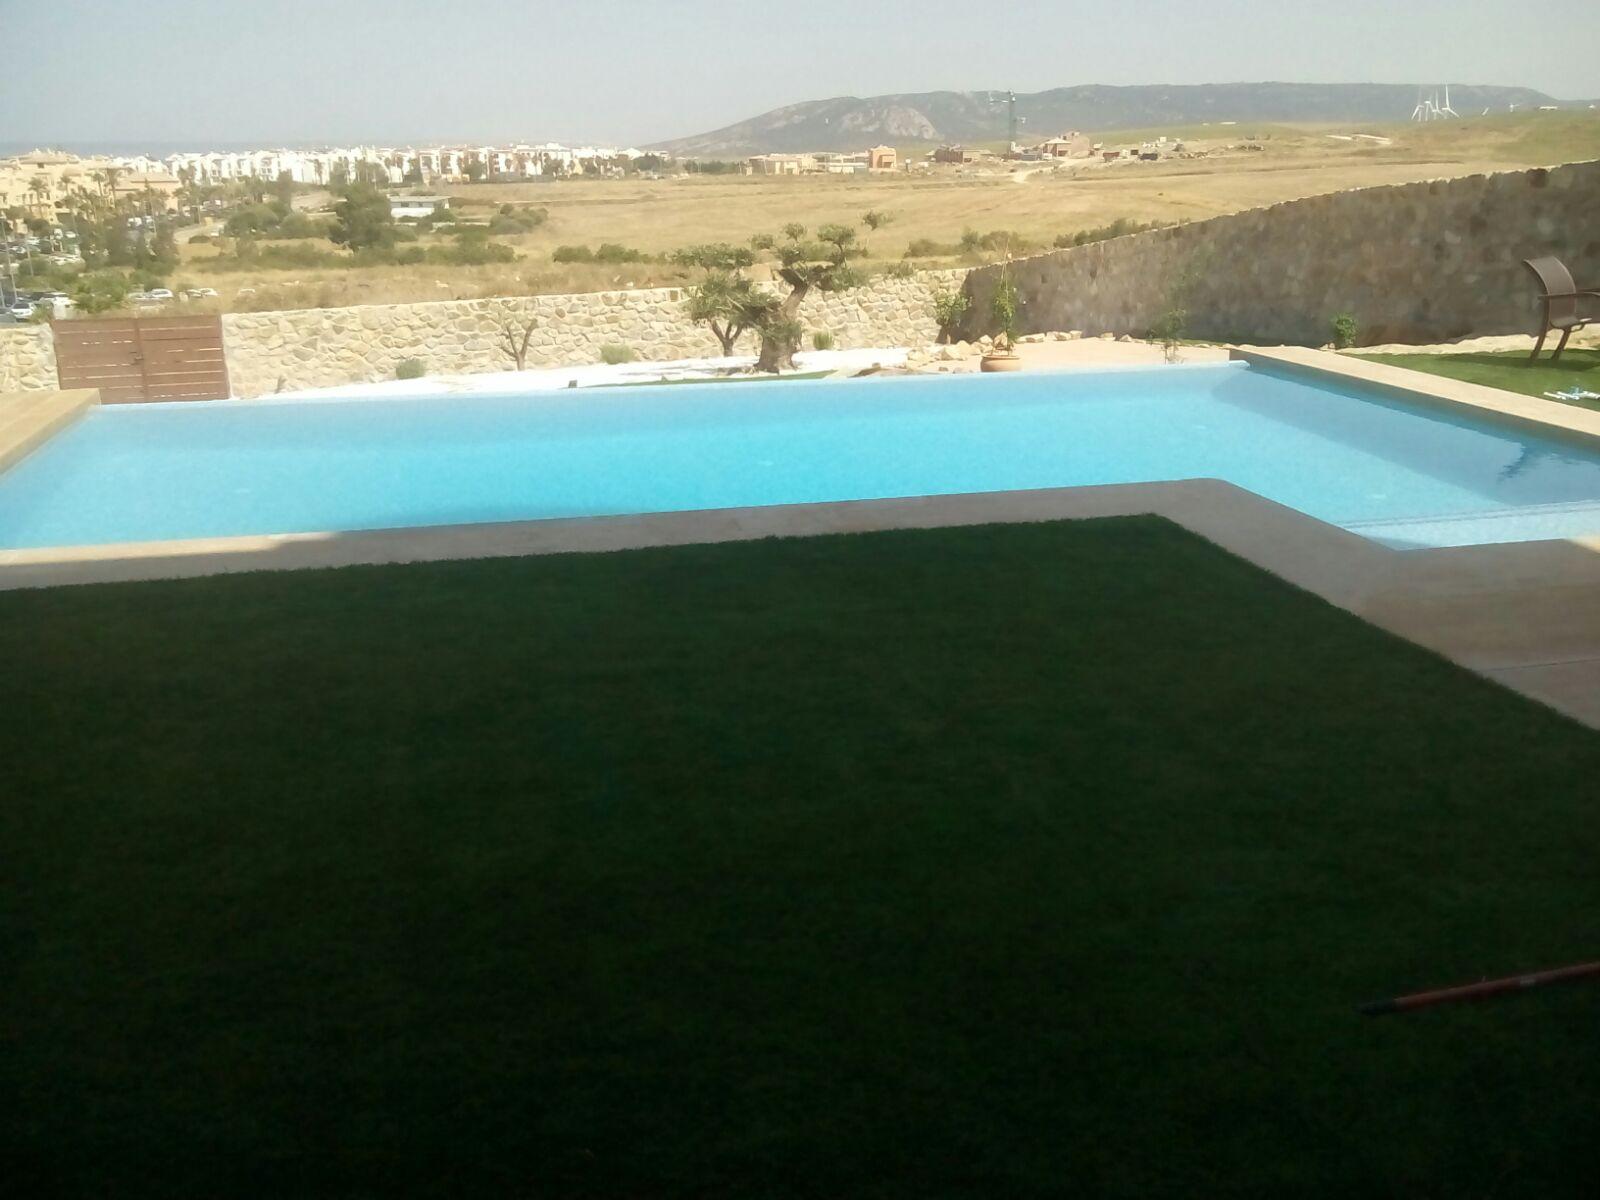 12x5zahara de los atunes aqualar piscinas for Piscinas naturales zahara delos atunes